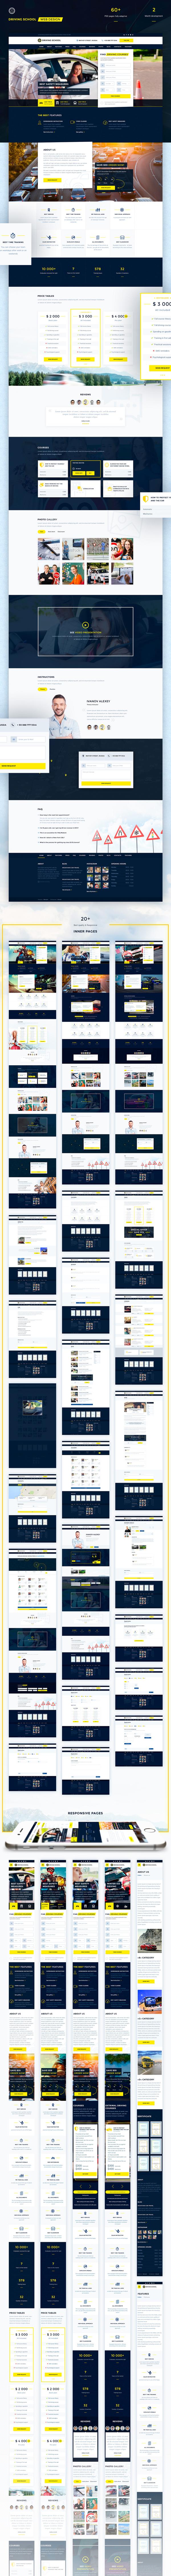 Дизайн сайта-шаблона на тему автошколы и автоинструкторов, разработано более 60 страниц в адаптиве Автошкола, Дизайн, Веб-Дизайн, Дизайнер, Фриланс, Работа, Веб-Разработка, Длиннопост